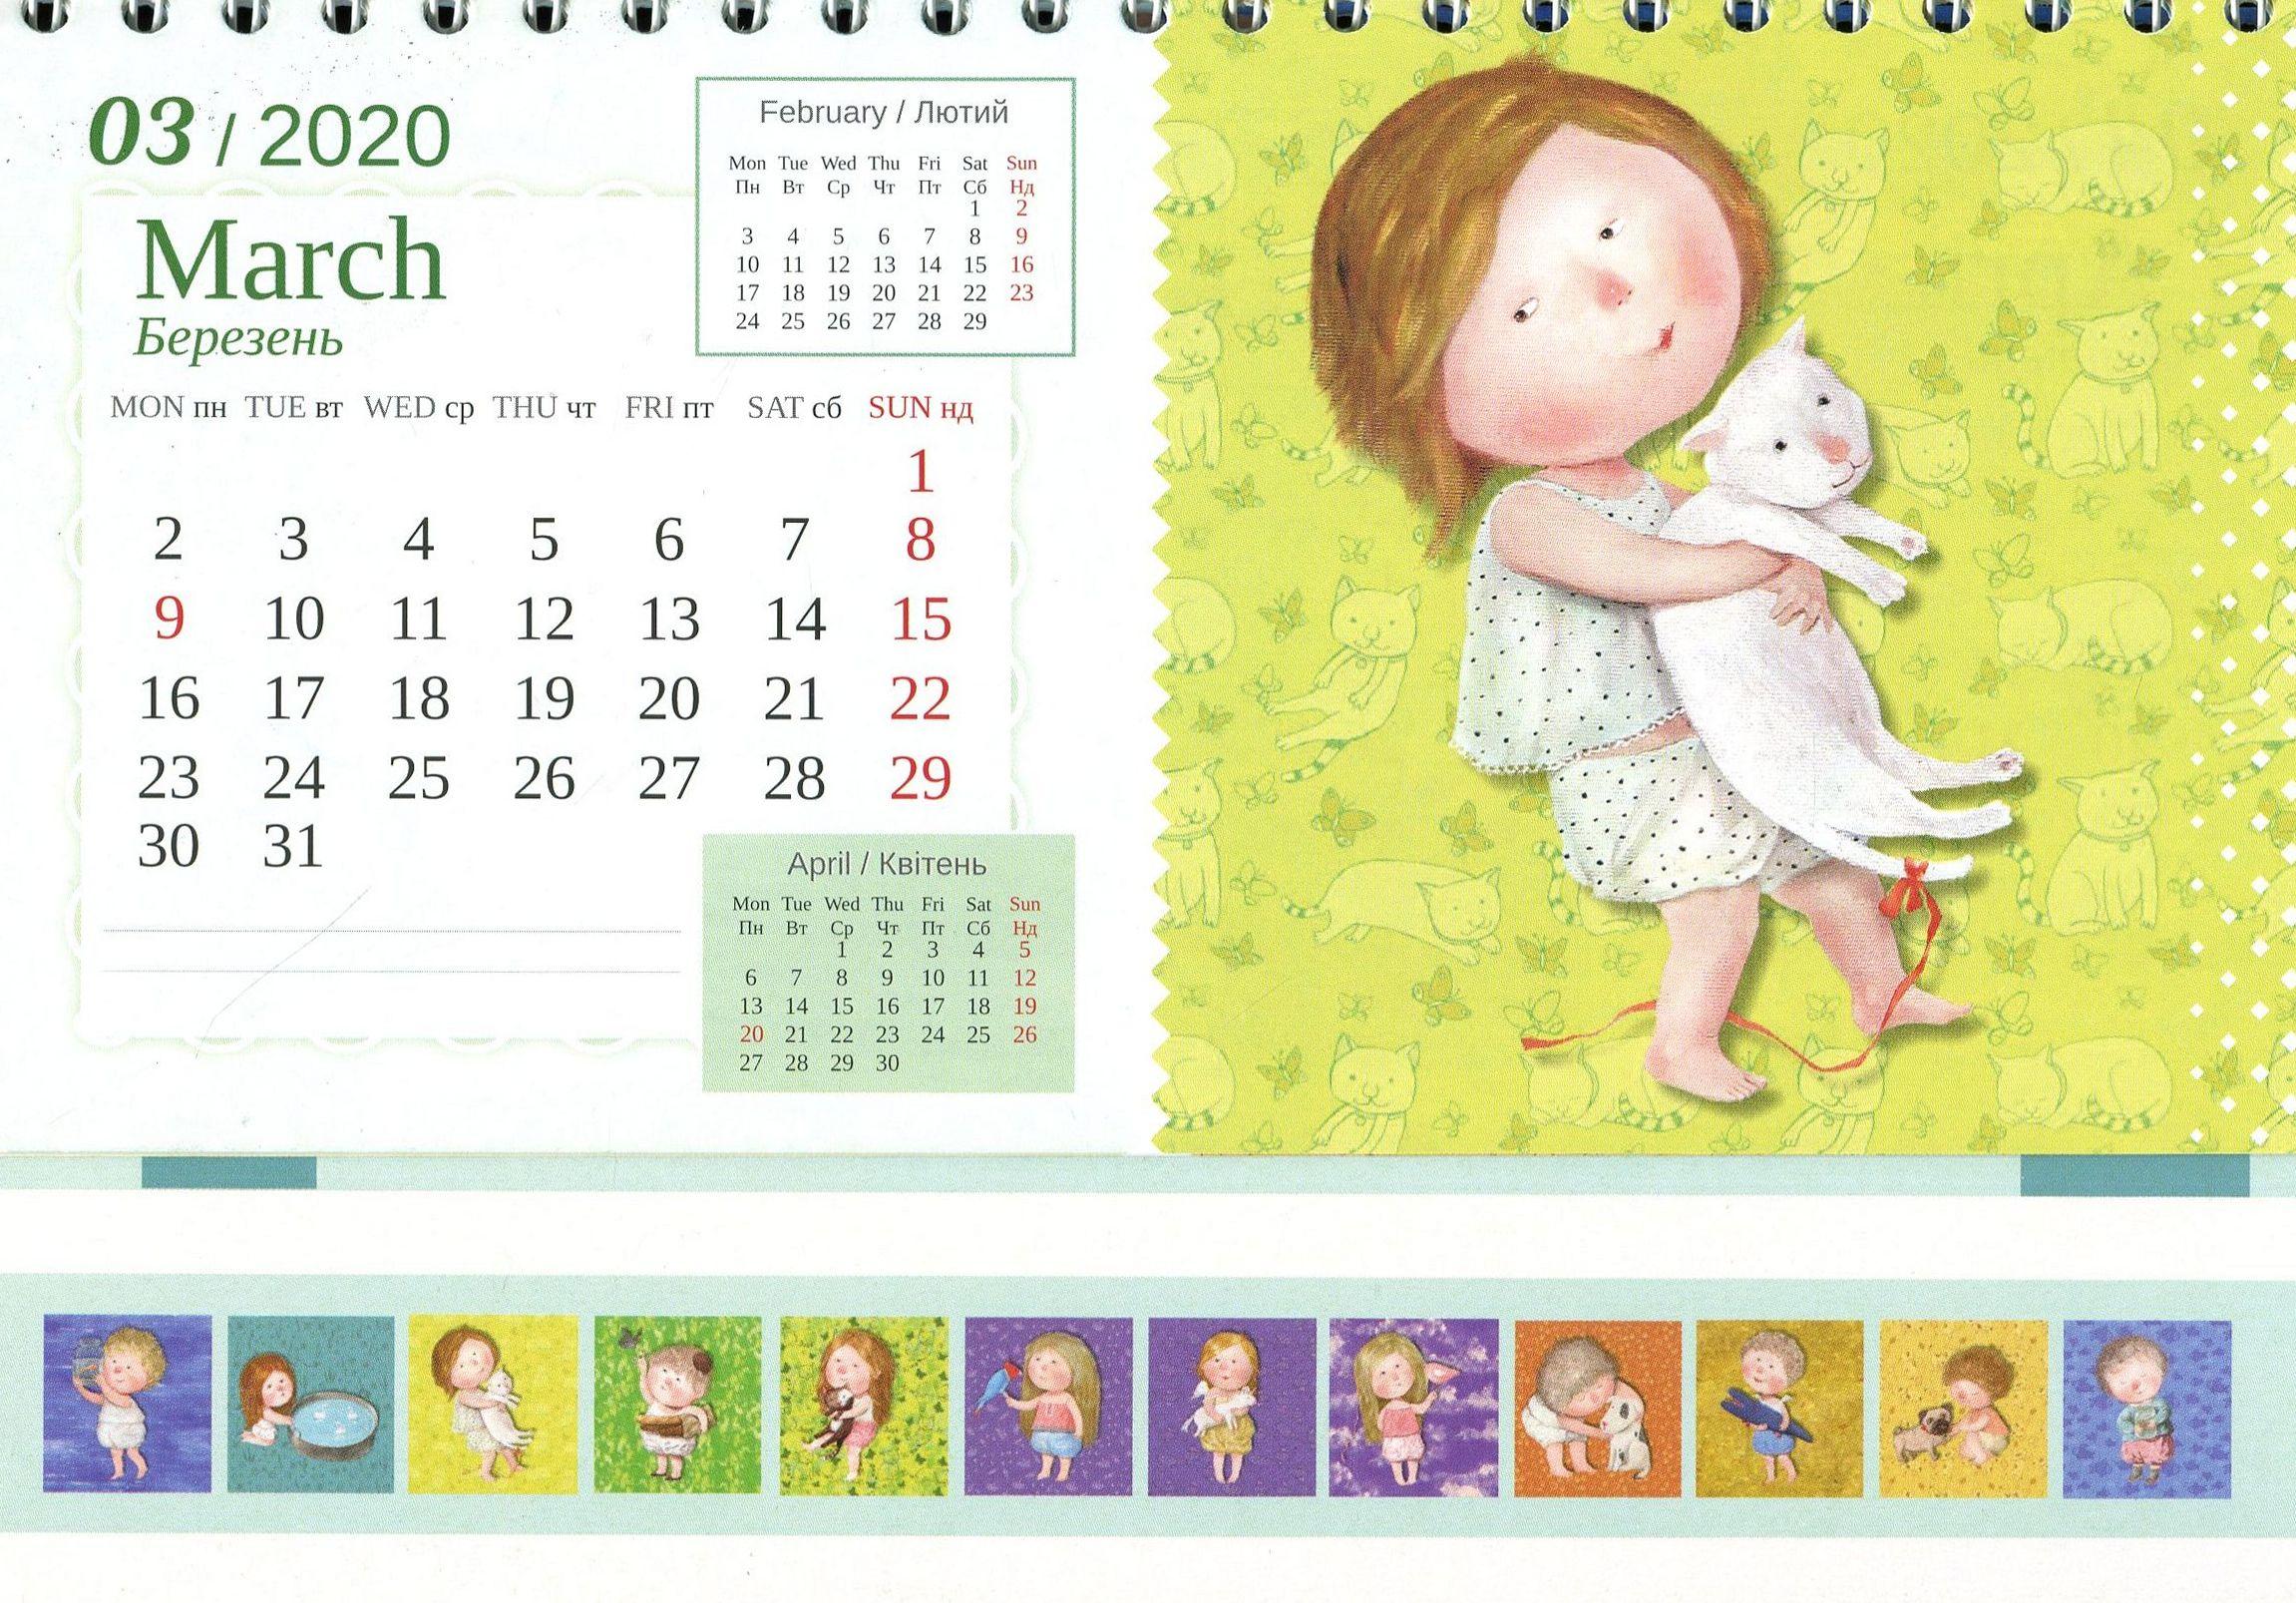 Календар Настільний Перекидний На 2020. Гапчинська with regard to Kalendar Kuda March 2020